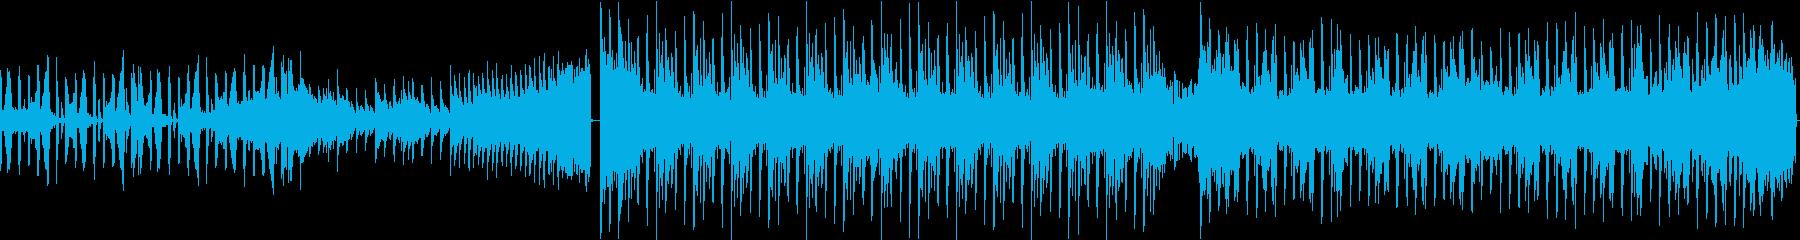 ニュース 事件 報道 EDM ループの再生済みの波形